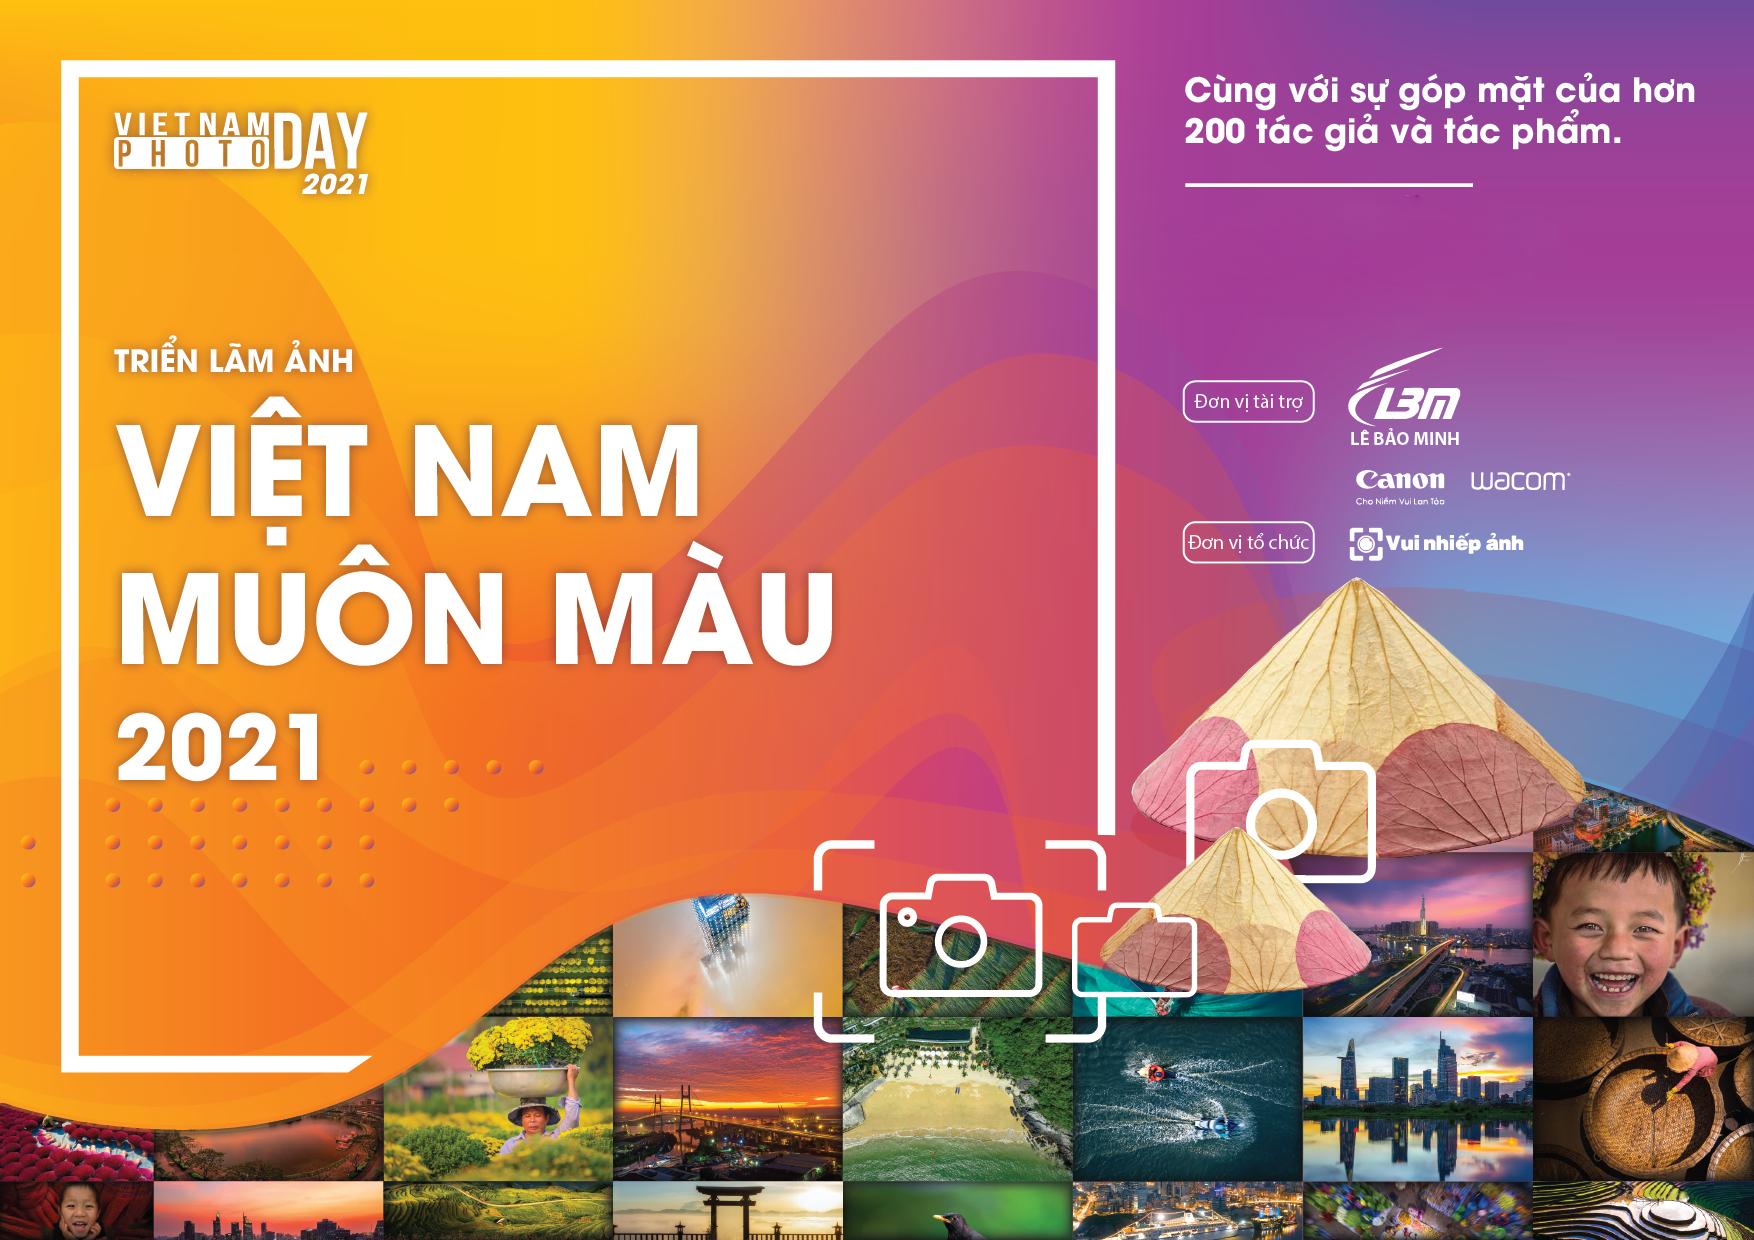 """Mời tham gia gửi ảnh triển lãm – chủ đề """"Việt Nam muôn màu"""" 2021"""